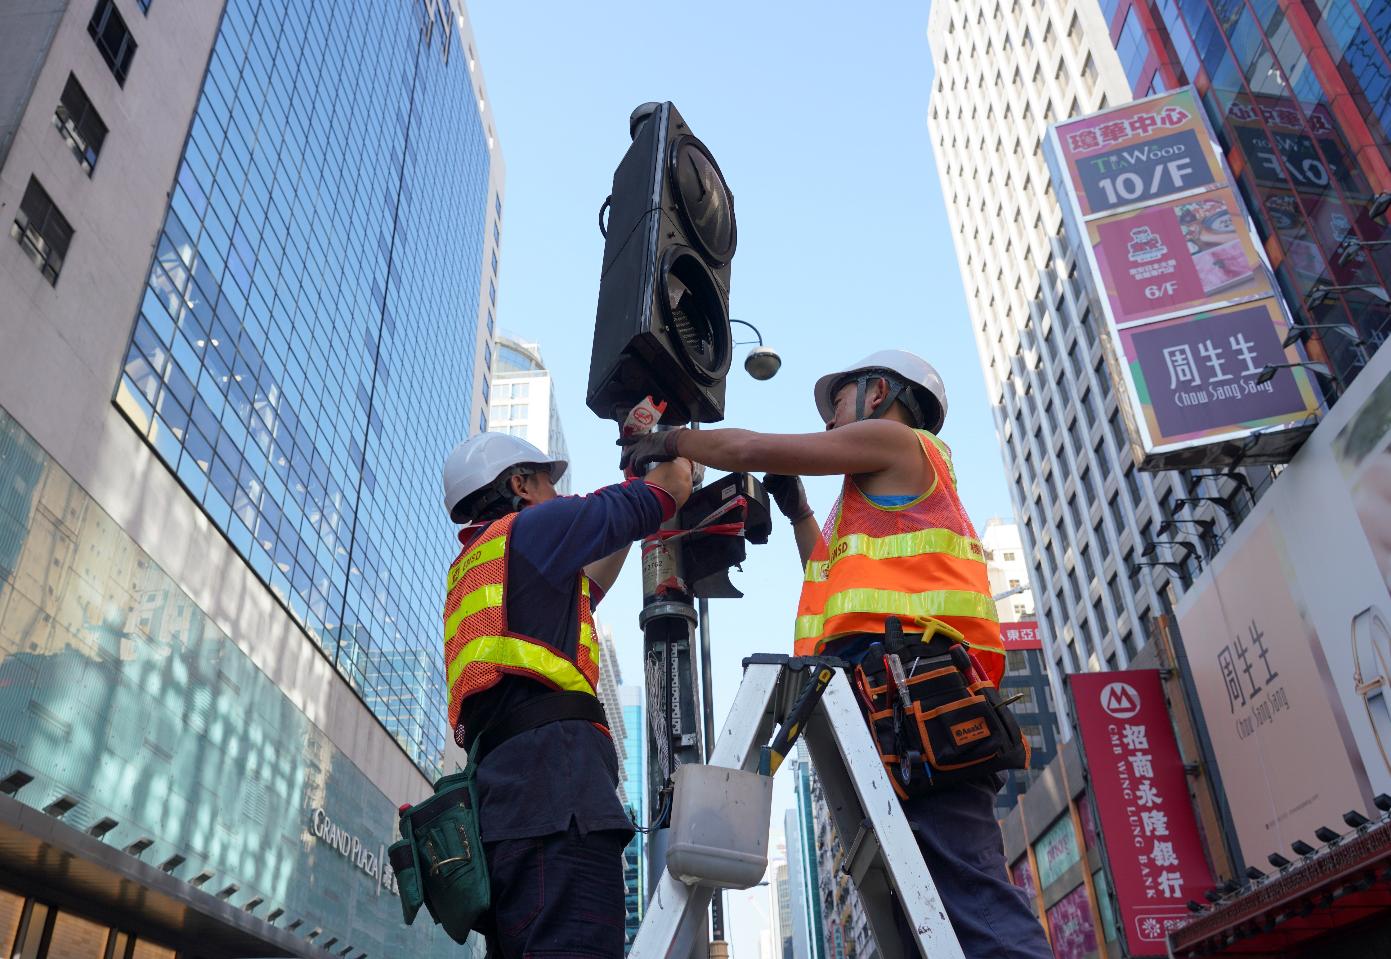 暴亂令香港傷痕累累。圖為工程人員正在維修被暴徒破壞的交通燈(中新社資料圖片)